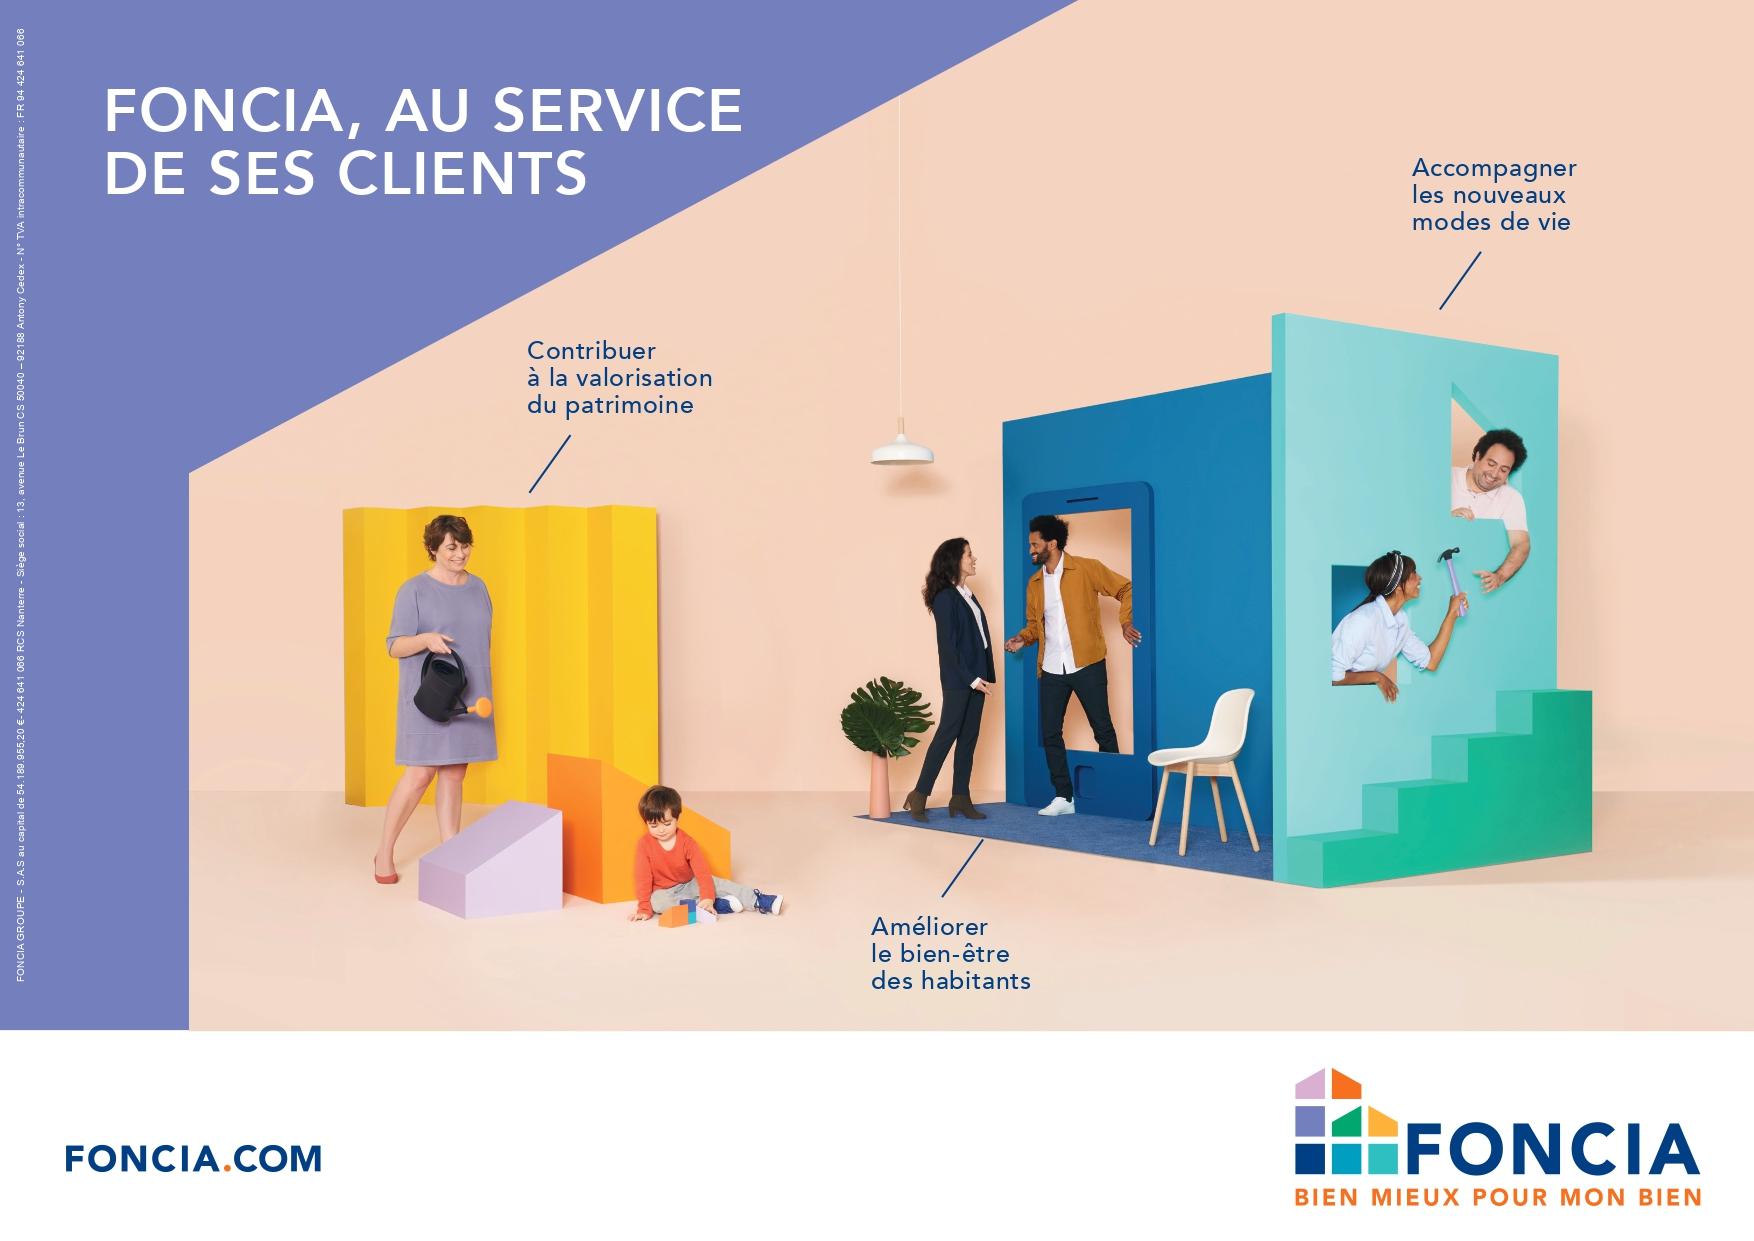 FONCIA AU SERVICE DE SES CLIENTS